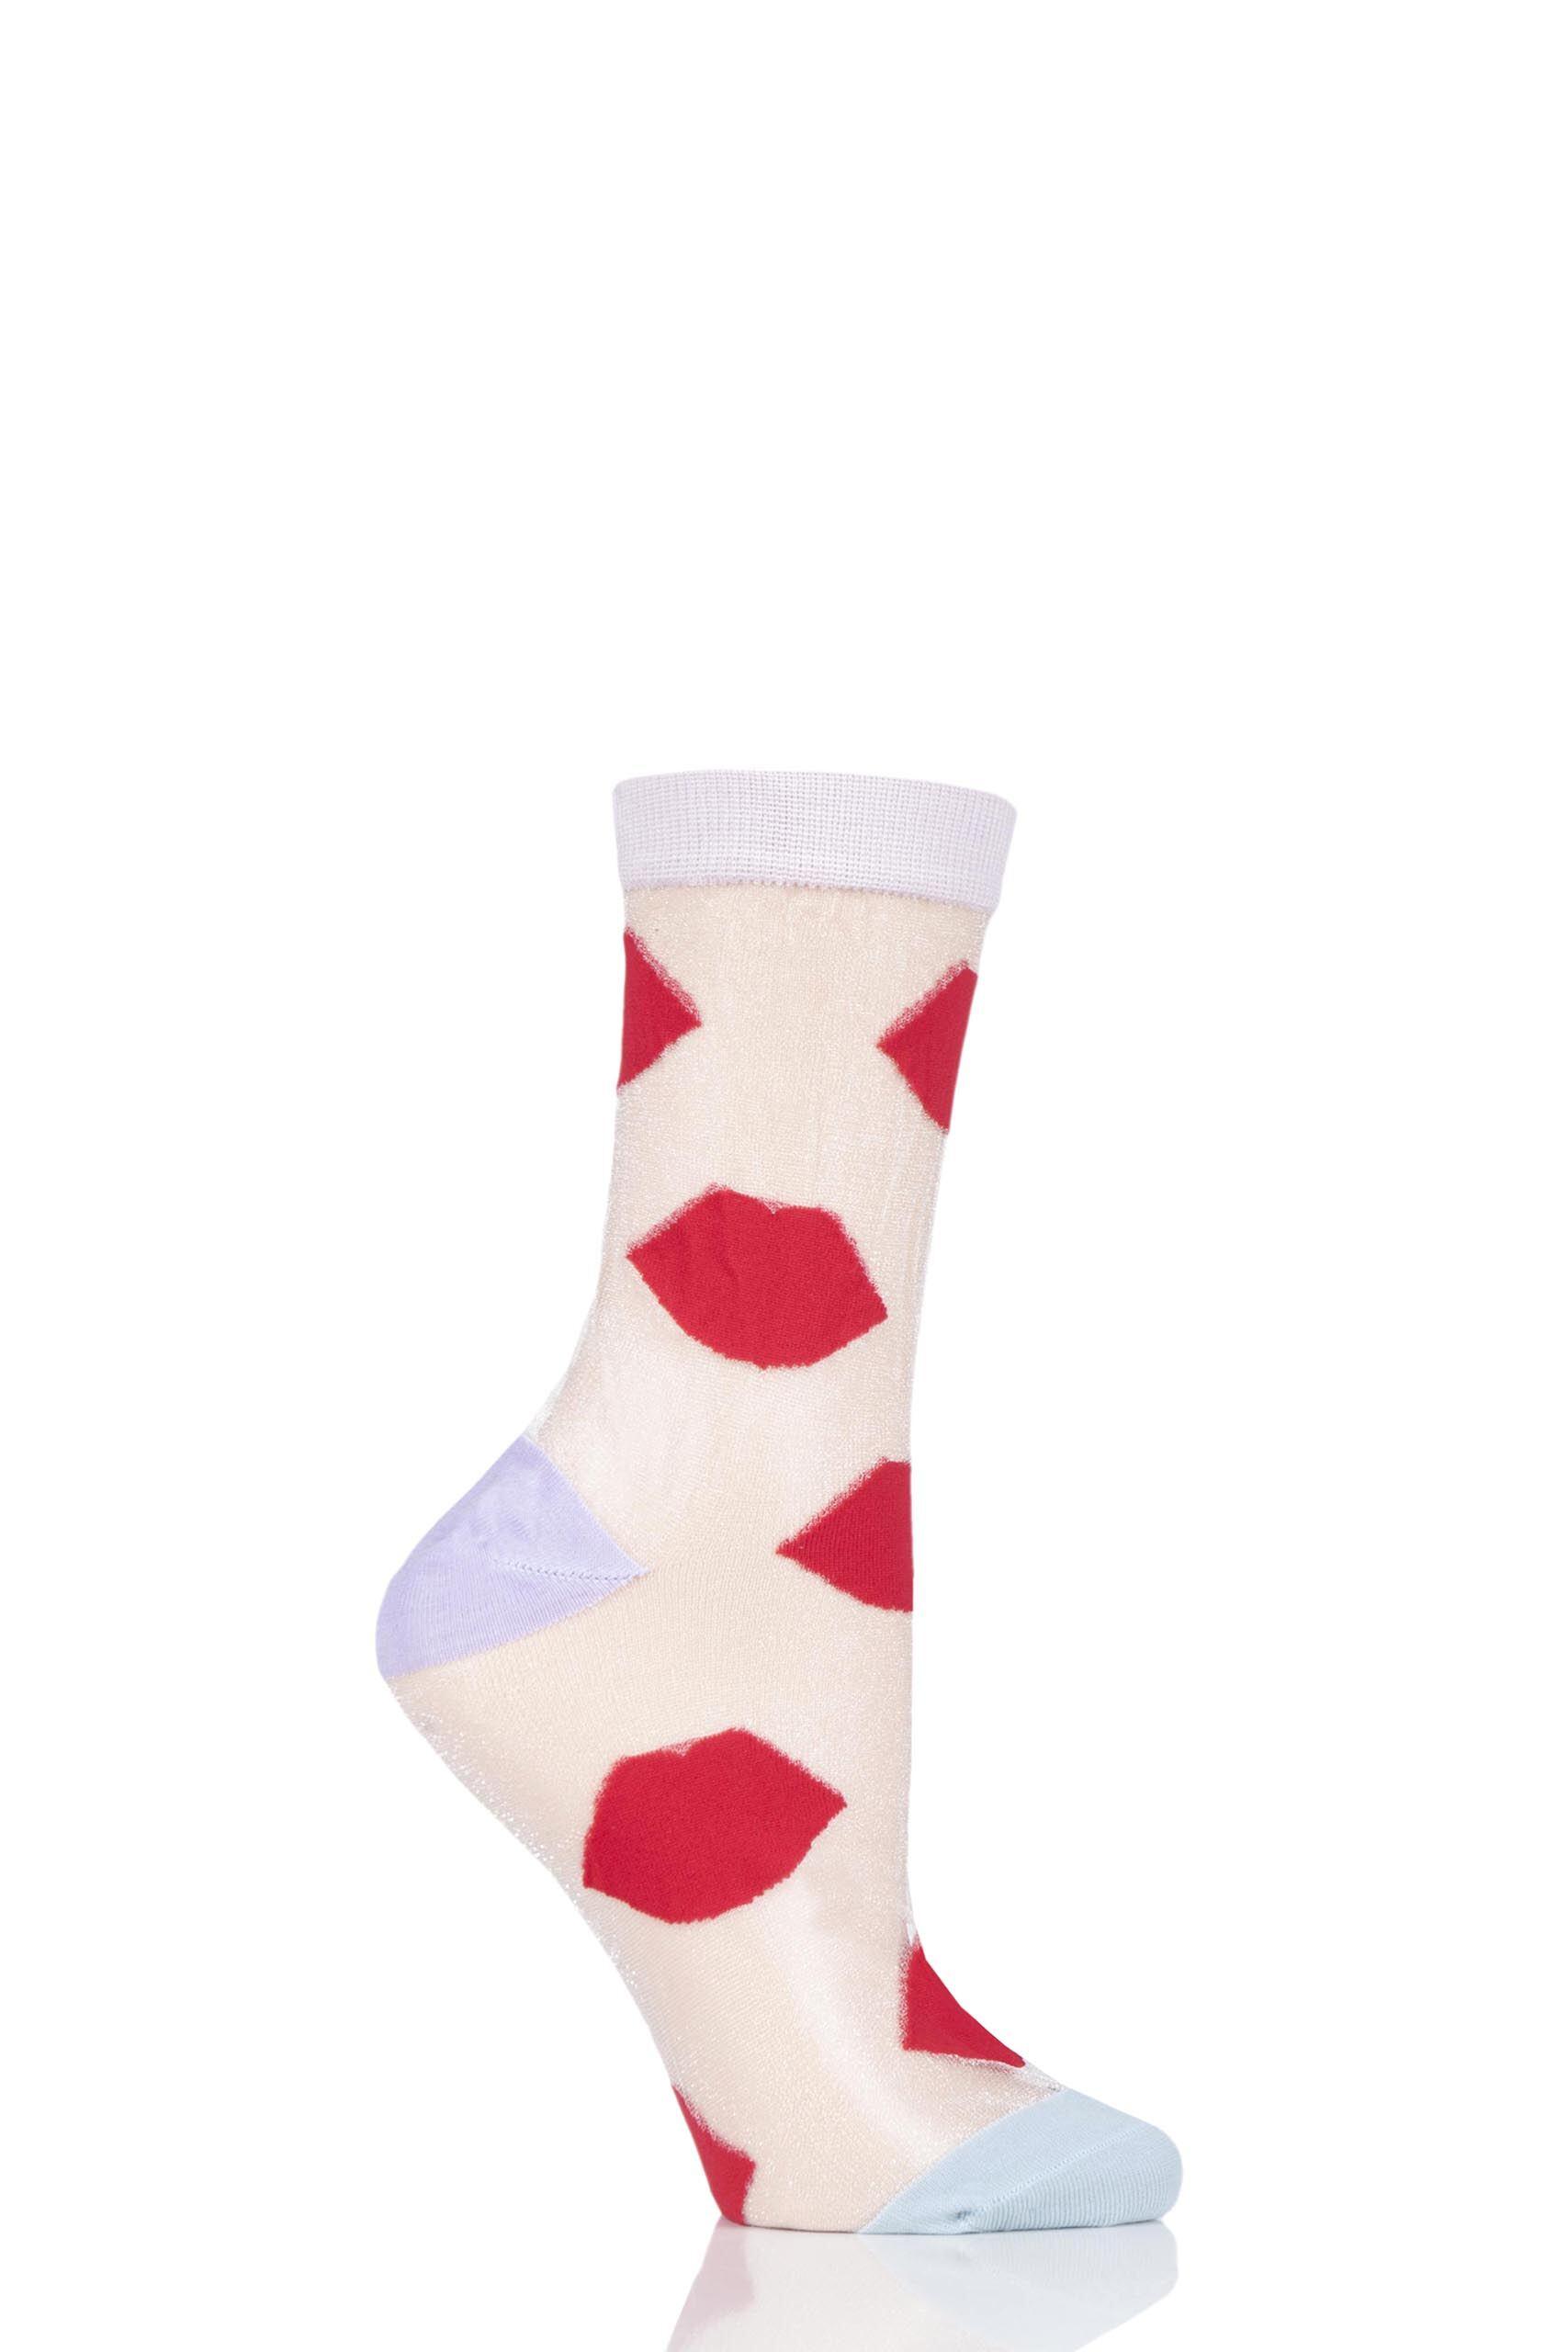 Image of 1 Pair Multi Red Lips on White Bamboo Socks Ladies 4-8 Ladies - Lulu Guinness